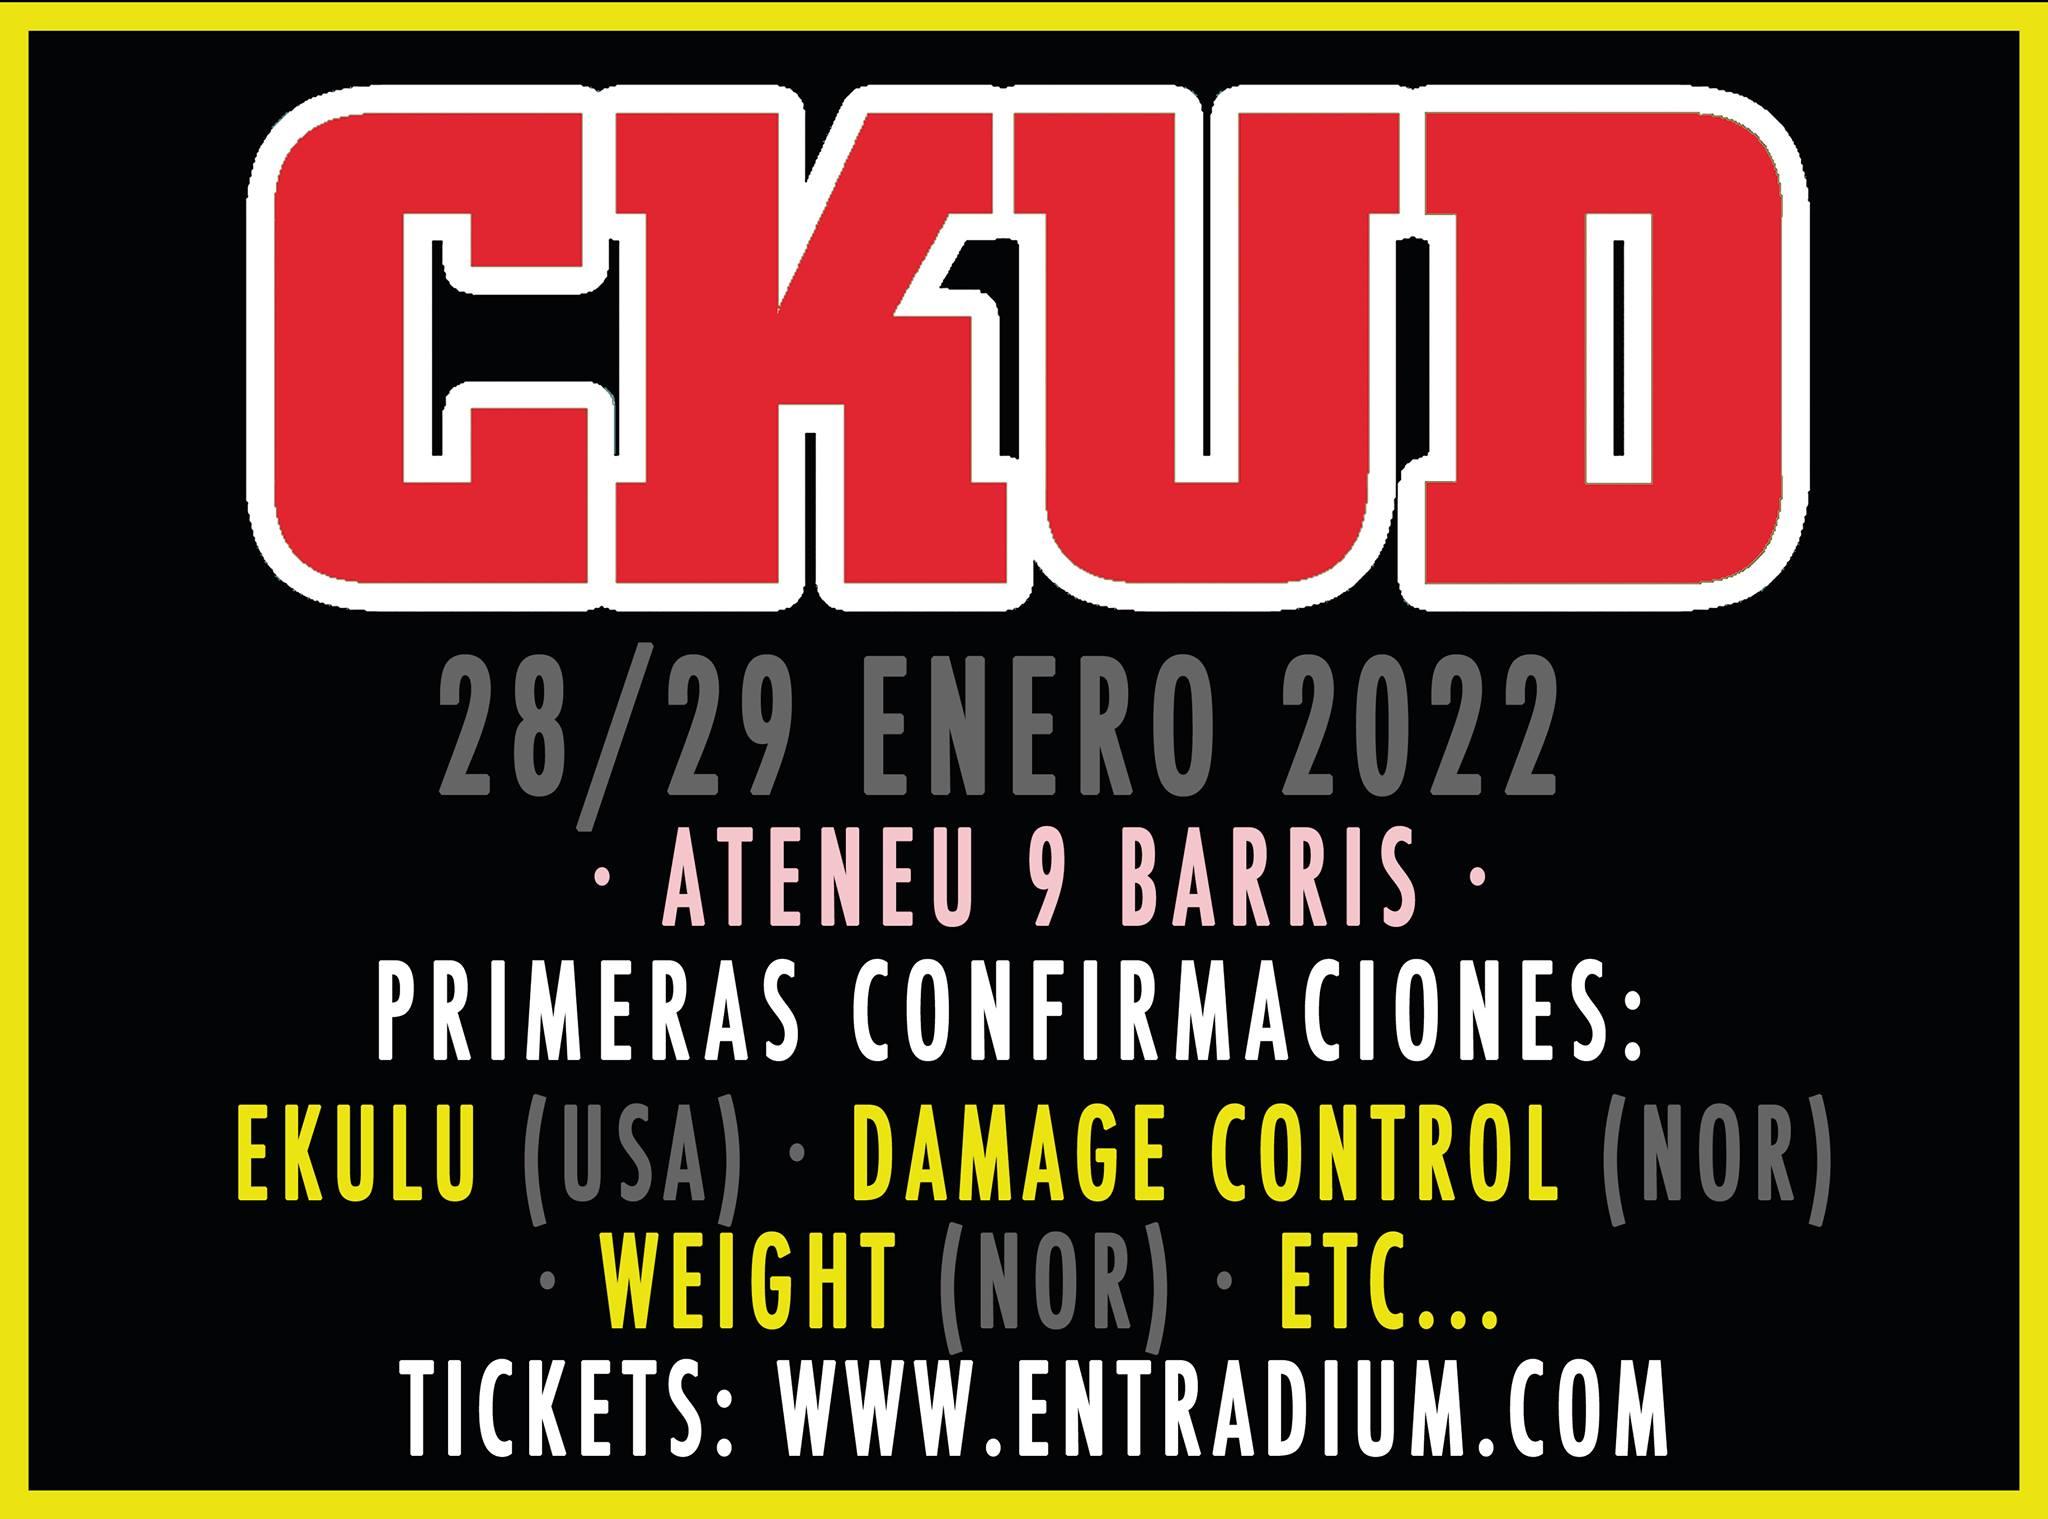 Primeras confirmaciones para el CKUD 2022